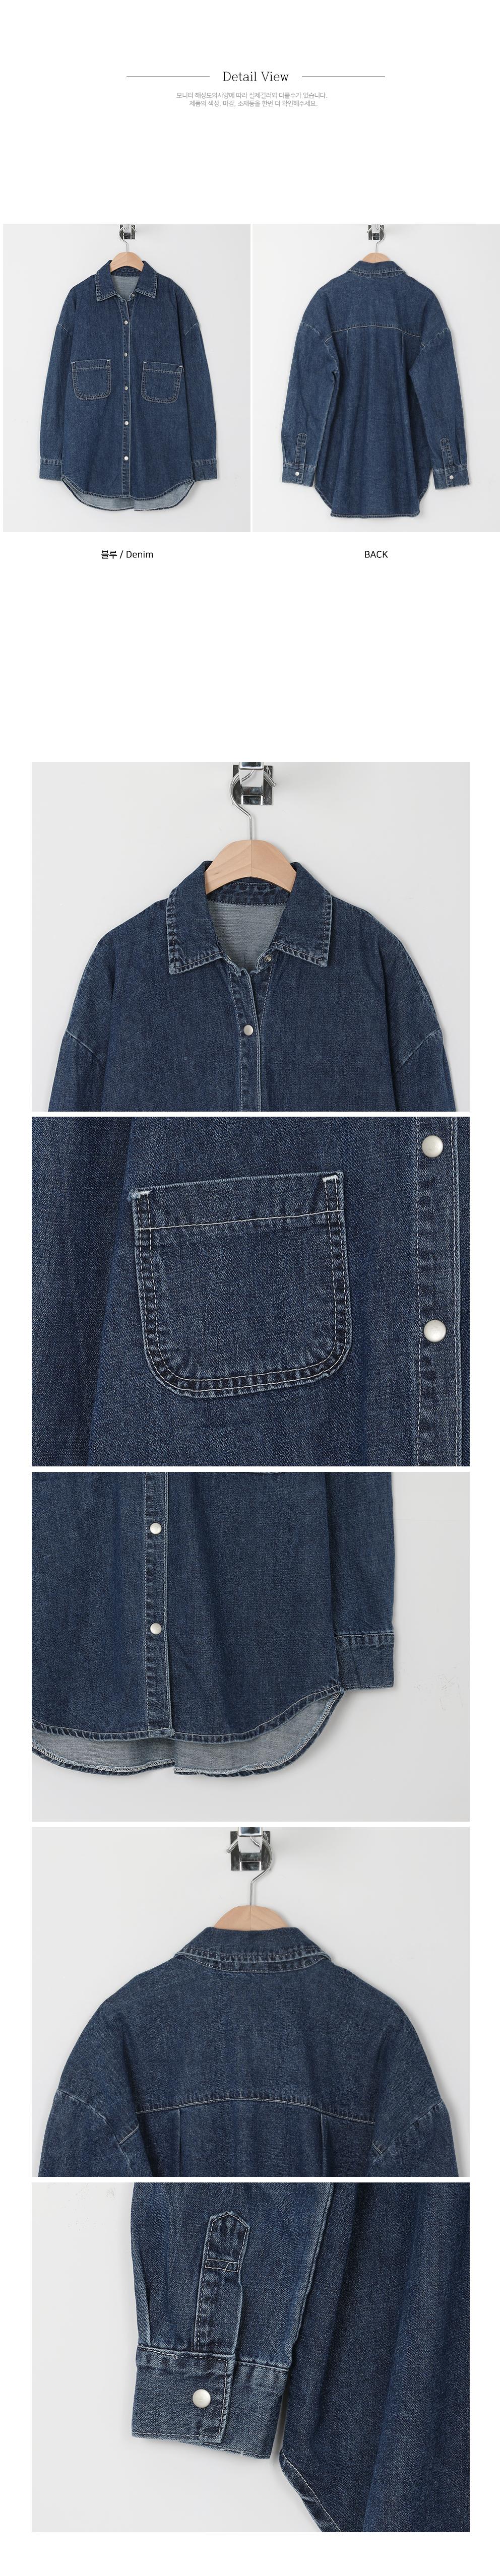 Stern Denim Shirt Jacket